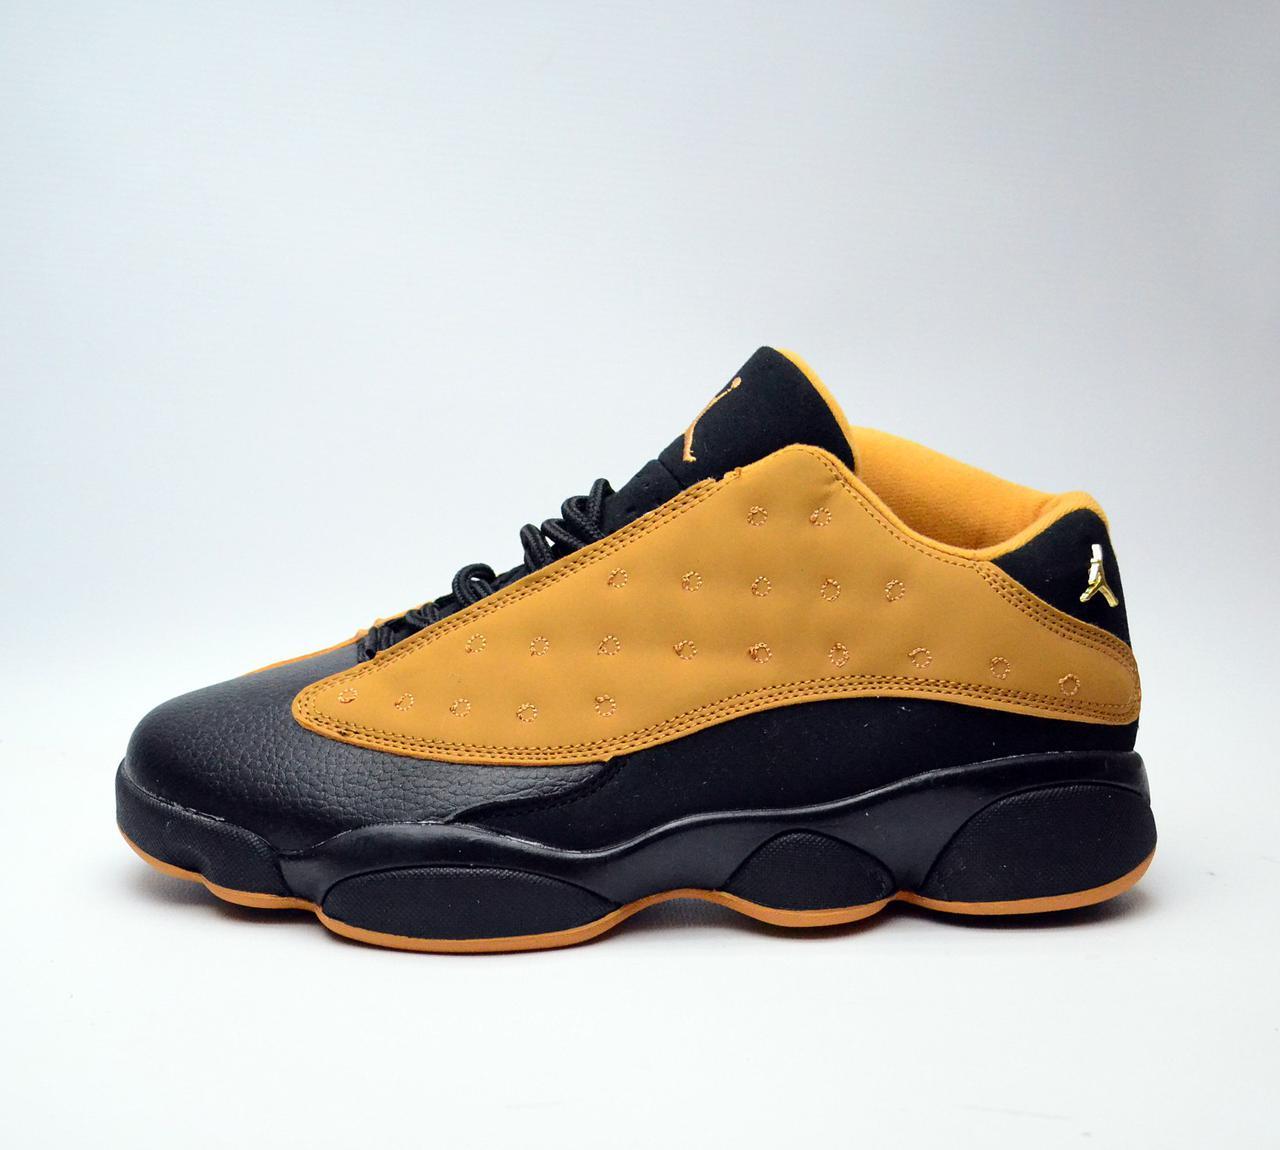 Мужские Кроссовки Nike Air Jordan XIII Low (Реплика) — в Категории